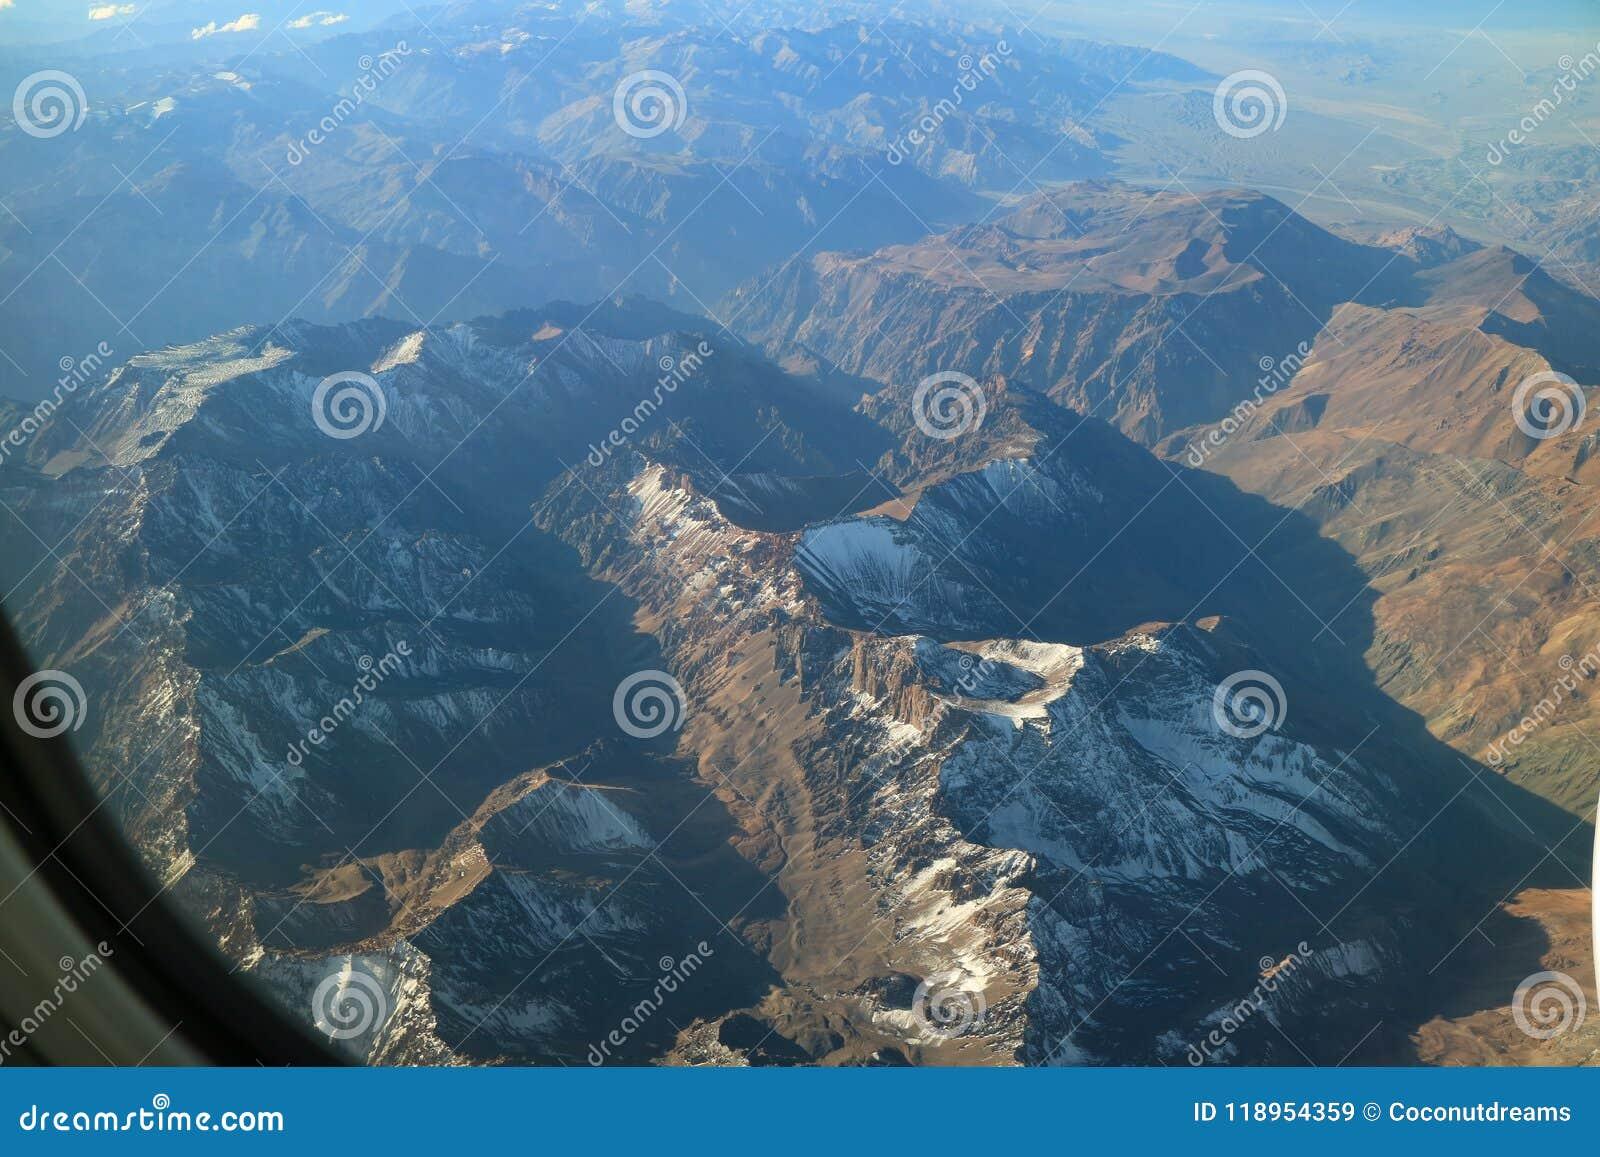 A vista aérea bonita da neve tampou a cordilheira considerada da janela do avião